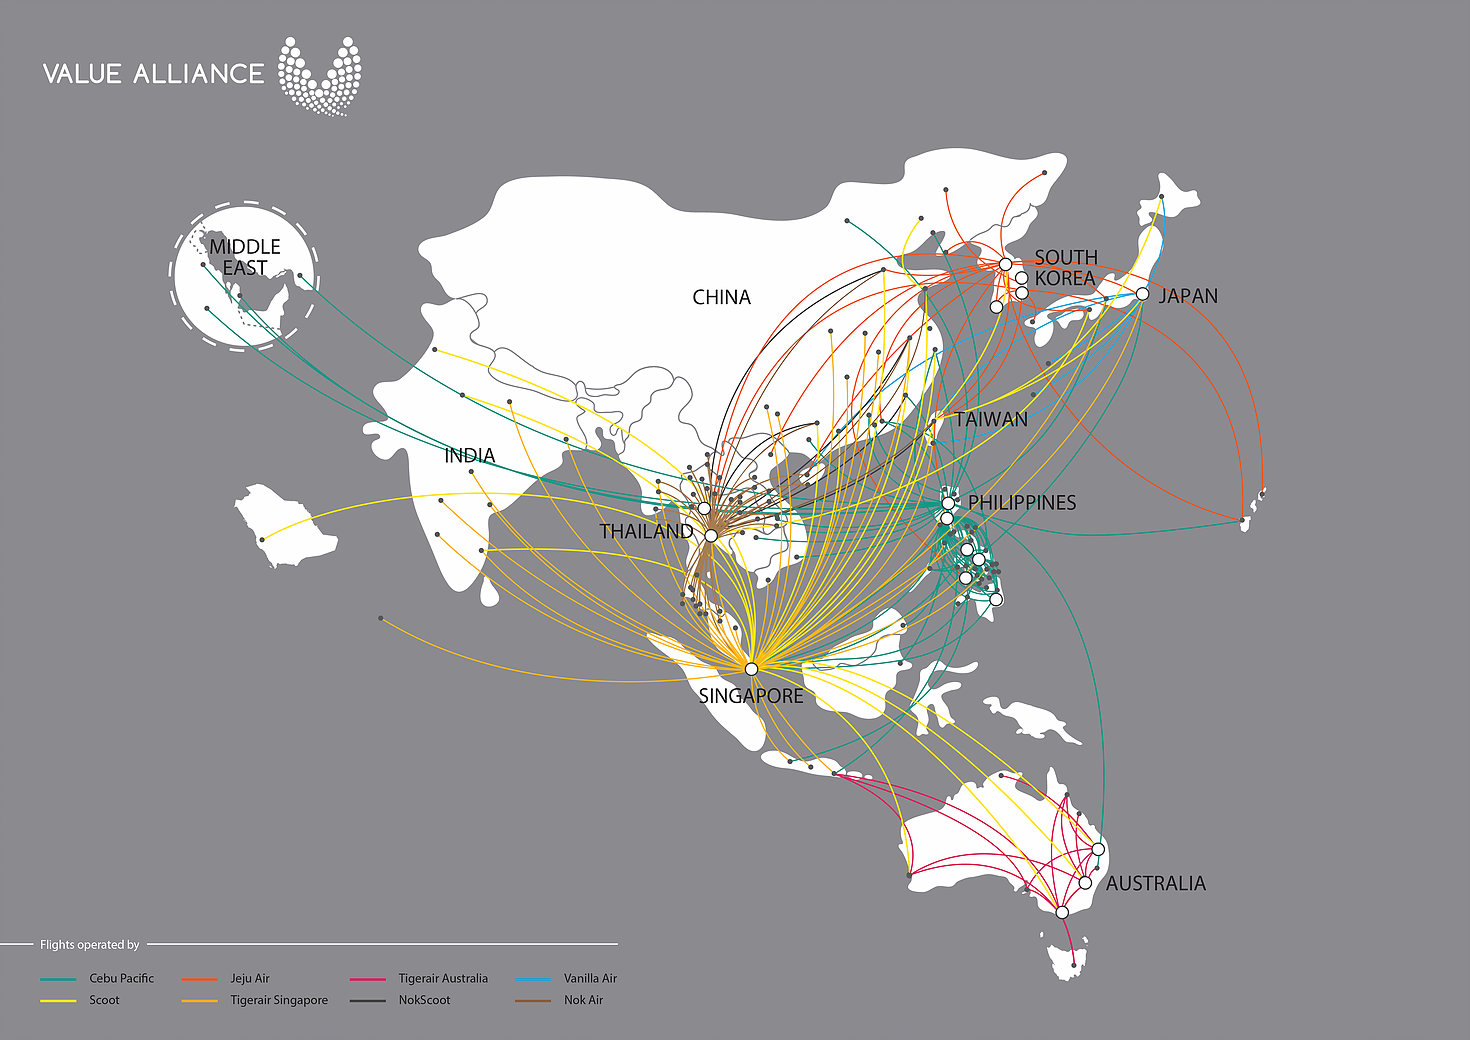 แผนที่แสดงเส้นทางบินของกลุ่ม Value Alliance